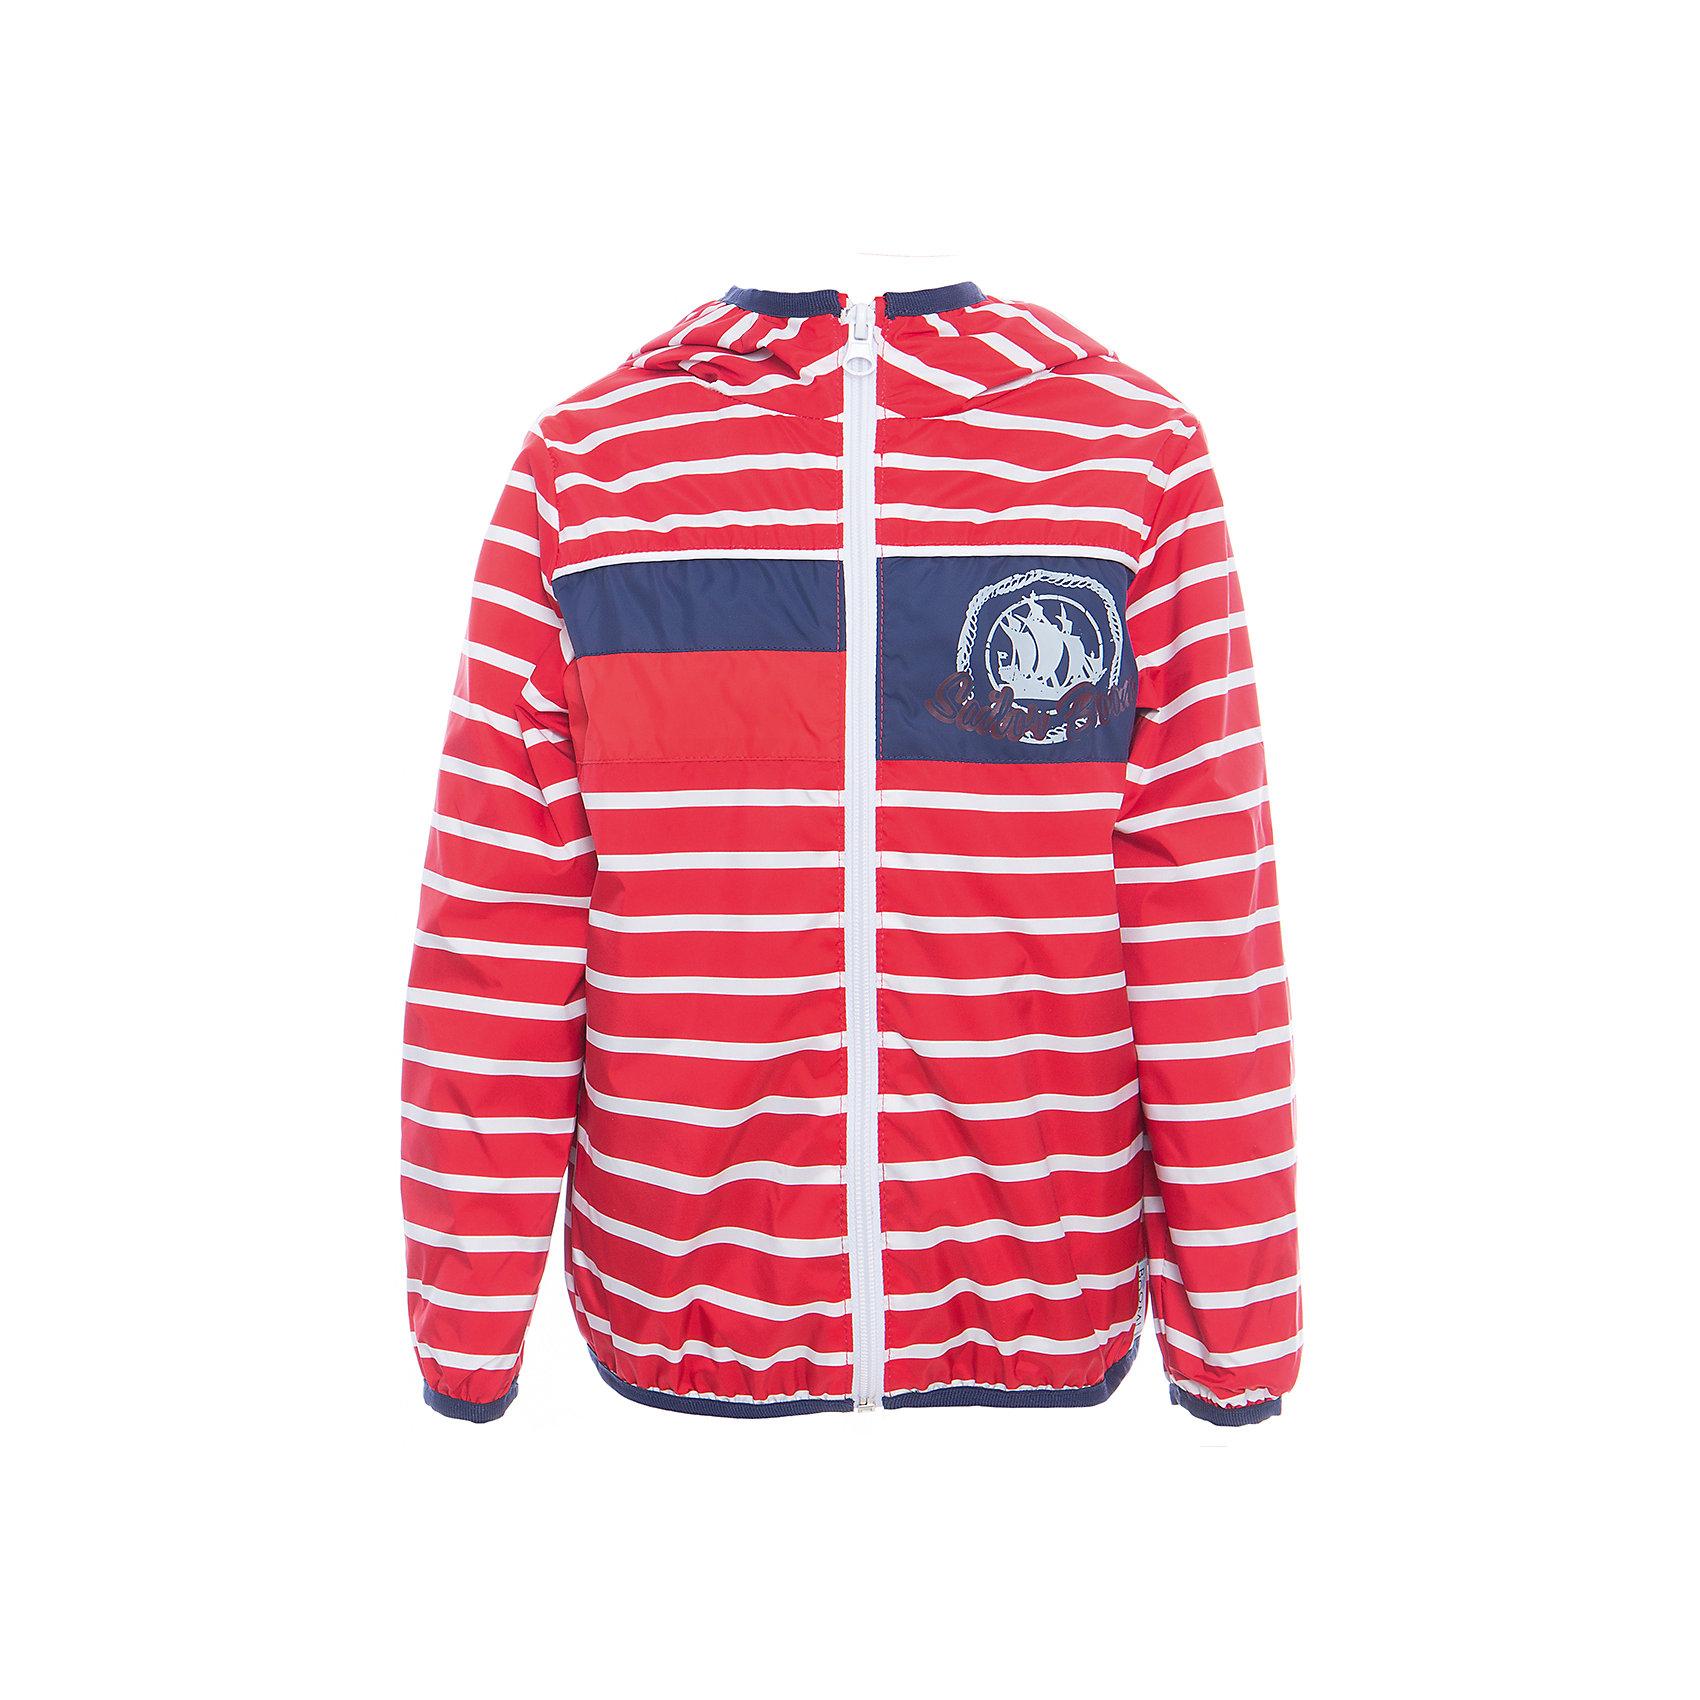 Куртка для мальчика BOOM by OrbyПолоска<br>Характеристики товара:<br><br>• цвет: красный<br>• состав: верх - таффета, подкладка - поликоттон, полиэстер, без утеплителя<br>• температурный режим: от +5° до +15°С<br>• пропитка от промокания<br>• застежка - молния<br>• капюшон <br>• украшена принтом<br>• легкая<br>• комфортная посадка<br>• страна производства: Российская Федерация<br>• страна бренда: Российская Федерация<br>• коллекция: весна-лето 2017<br><br>Легкая куртка - универсальный вариант и для прохладного летнего вечера, и для теплого межсезонья. Эта модель - модная и удобная одновременно! Изделие отличается стильным ярким дизайном. Куртка хорошо сидит по фигуре, отлично сочетается с различным низом. Вещь была разработана специально для детей.<br><br>Одежда от российского бренда BOOM by Orby уже завоевала популярностью у многих детей и их родителей. Вещи, выпускаемые компанией, качественные, продуманные и очень удобные. Для производства коллекций используются только безопасные для детей материалы. Спешите приобрести модели из новой коллекции Весна-лето 2017! <br><br>Куртку для мальчика от бренда BOOM by Orby можно купить в нашем интернет-магазине.<br><br>Ширина мм: 356<br>Глубина мм: 10<br>Высота мм: 245<br>Вес г: 519<br>Цвет: красный<br>Возраст от месяцев: 72<br>Возраст до месяцев: 84<br>Пол: Мужской<br>Возраст: Детский<br>Размер: 122,110,140,146,152,116,158,128,134,104,86,92,98<br>SKU: 5343918